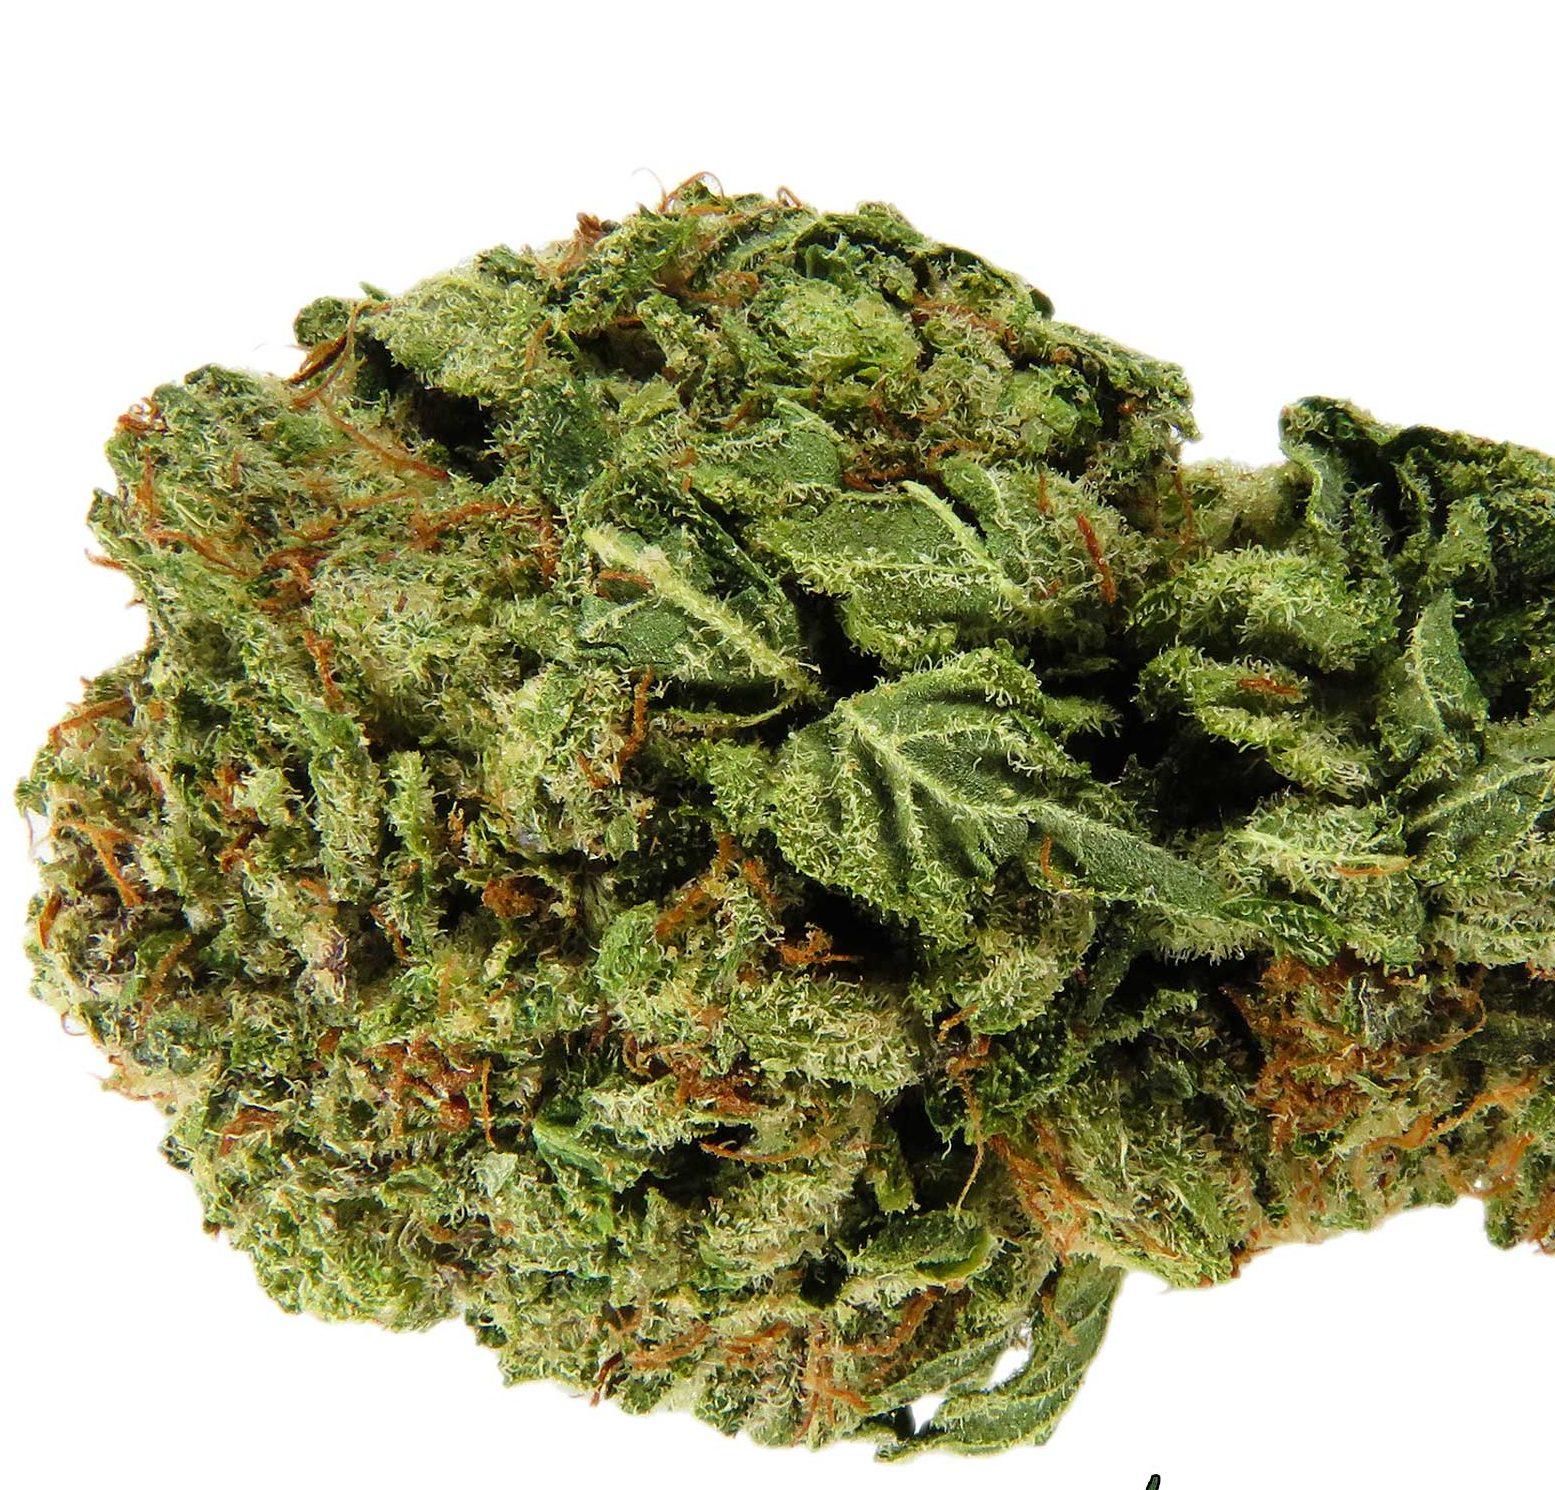 Frosty Marijuana Strain from Prom 710 - Mail Order Marijuana